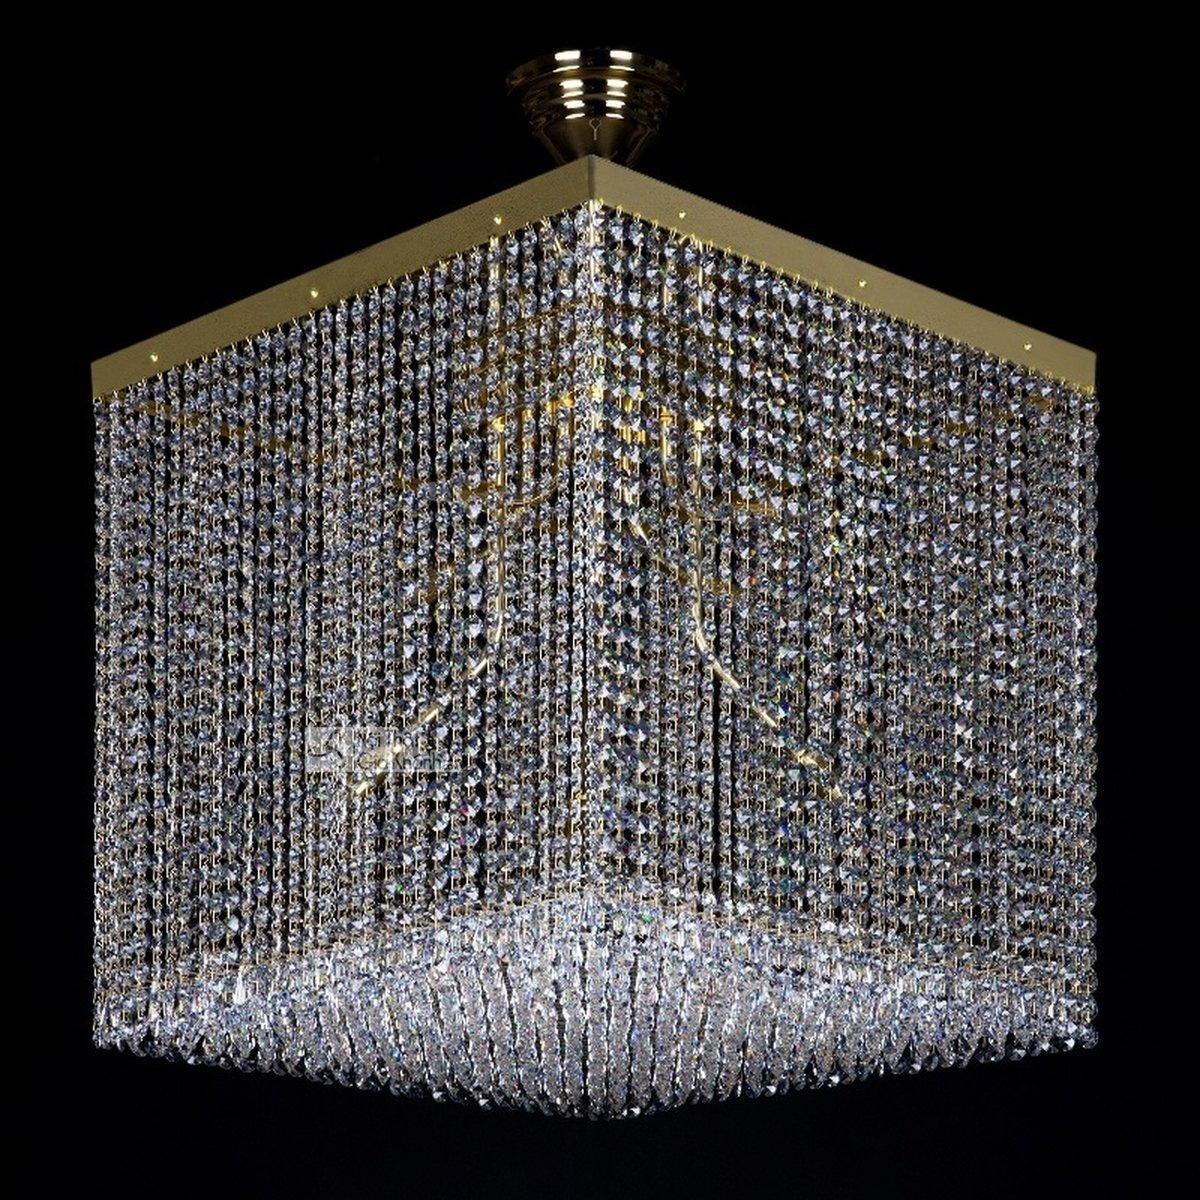 Mẫu đèn chùm pha lê cao cấp cho không gian thêm sang trọng - mau den pha le cao cap cho khong gian them sang trong 1